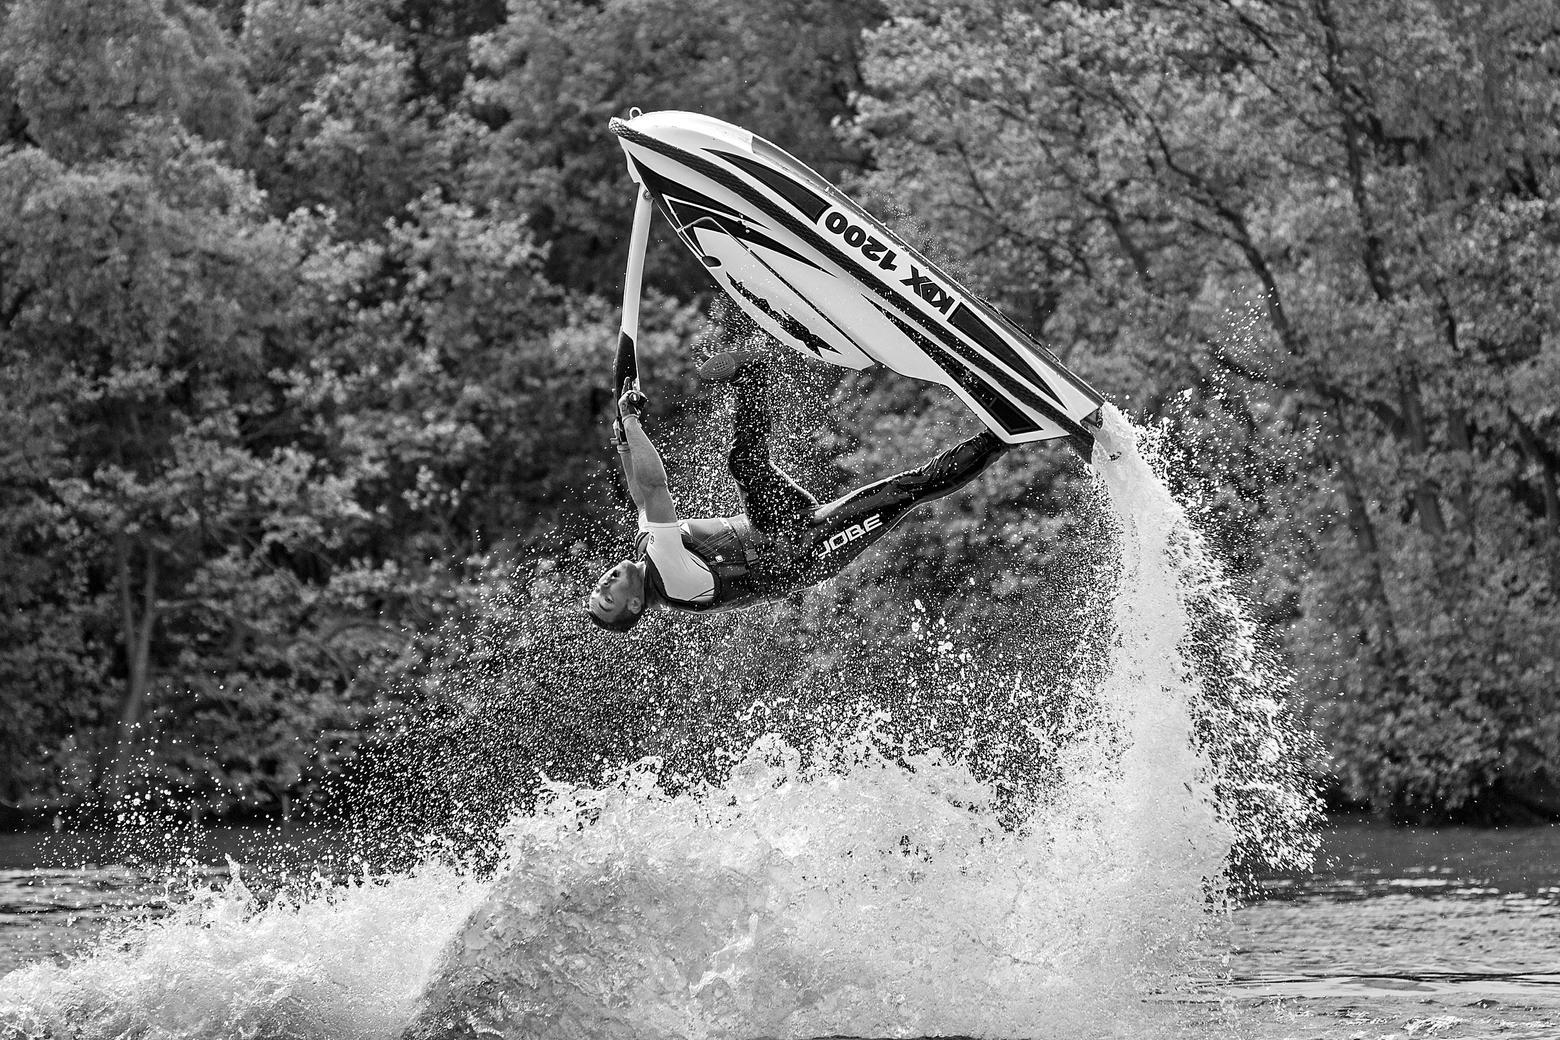 Airborne Jet Ski